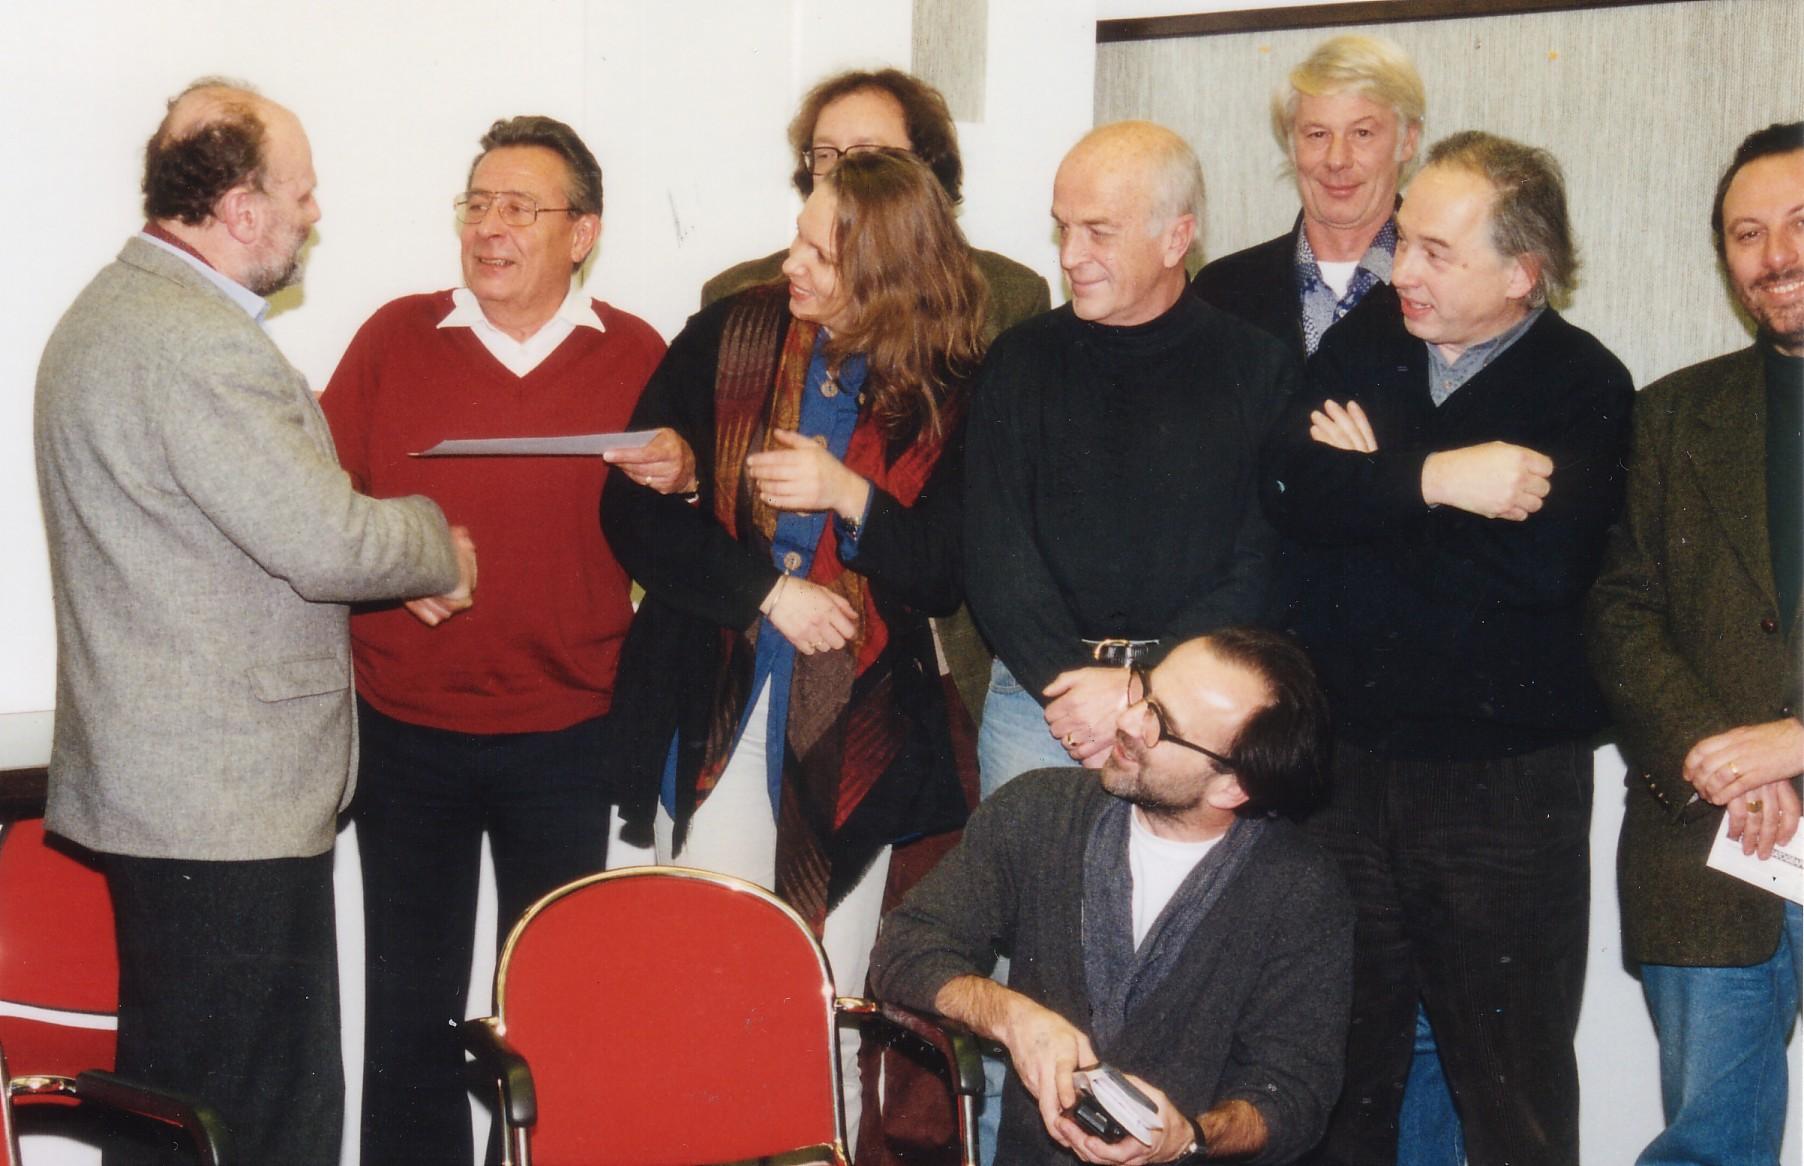 Brossmann Ehrenmitgliedschaft 1